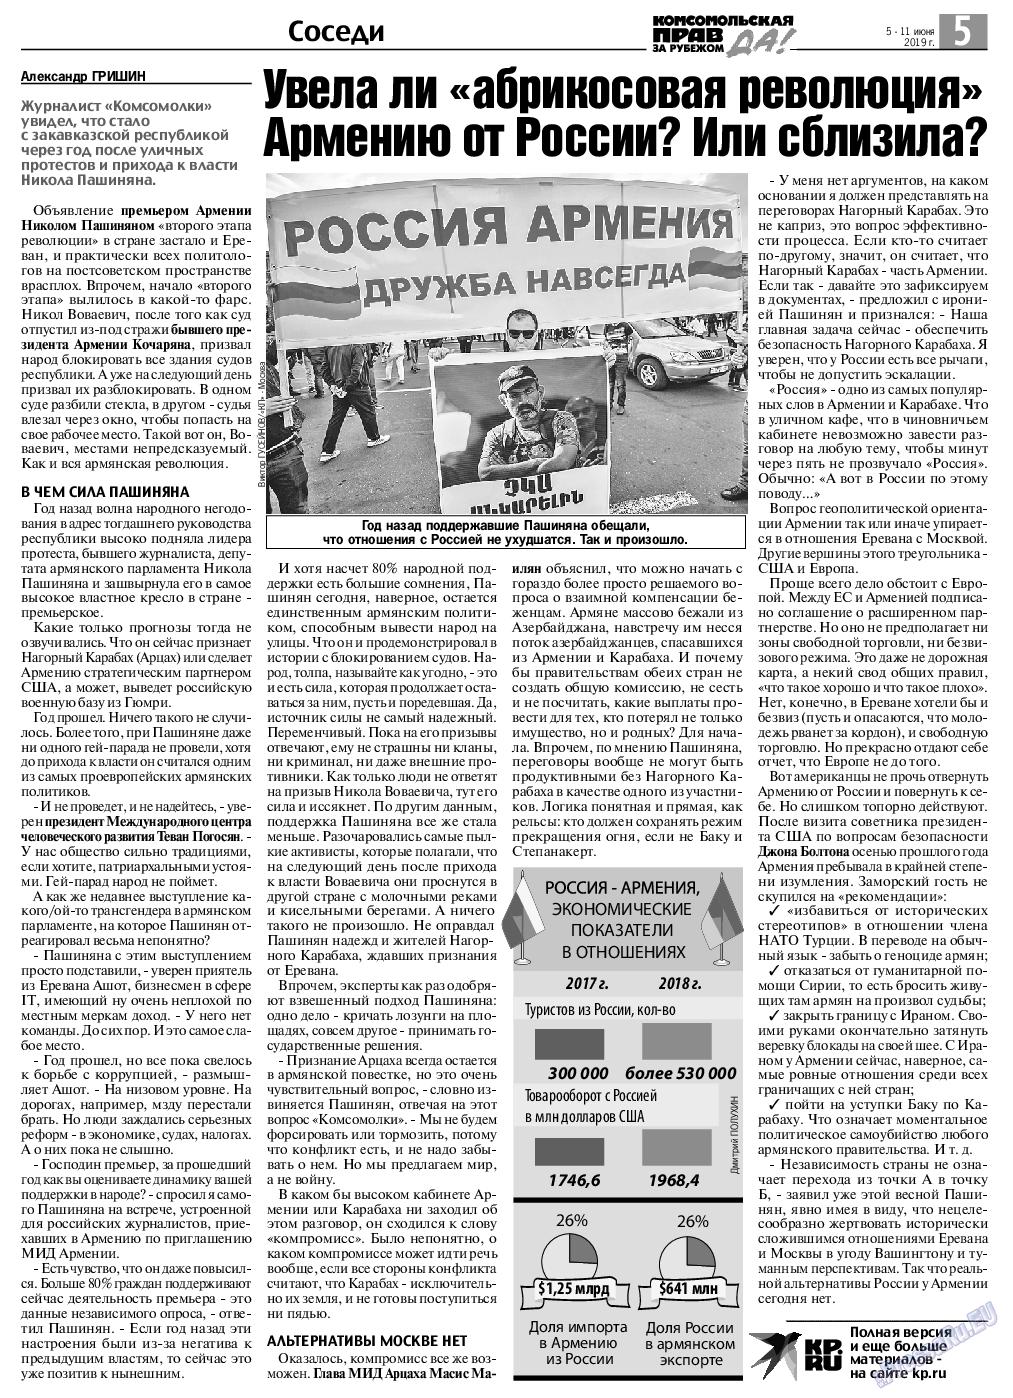 КП в Европе (газета). 2019 год, номер 23, стр. 5